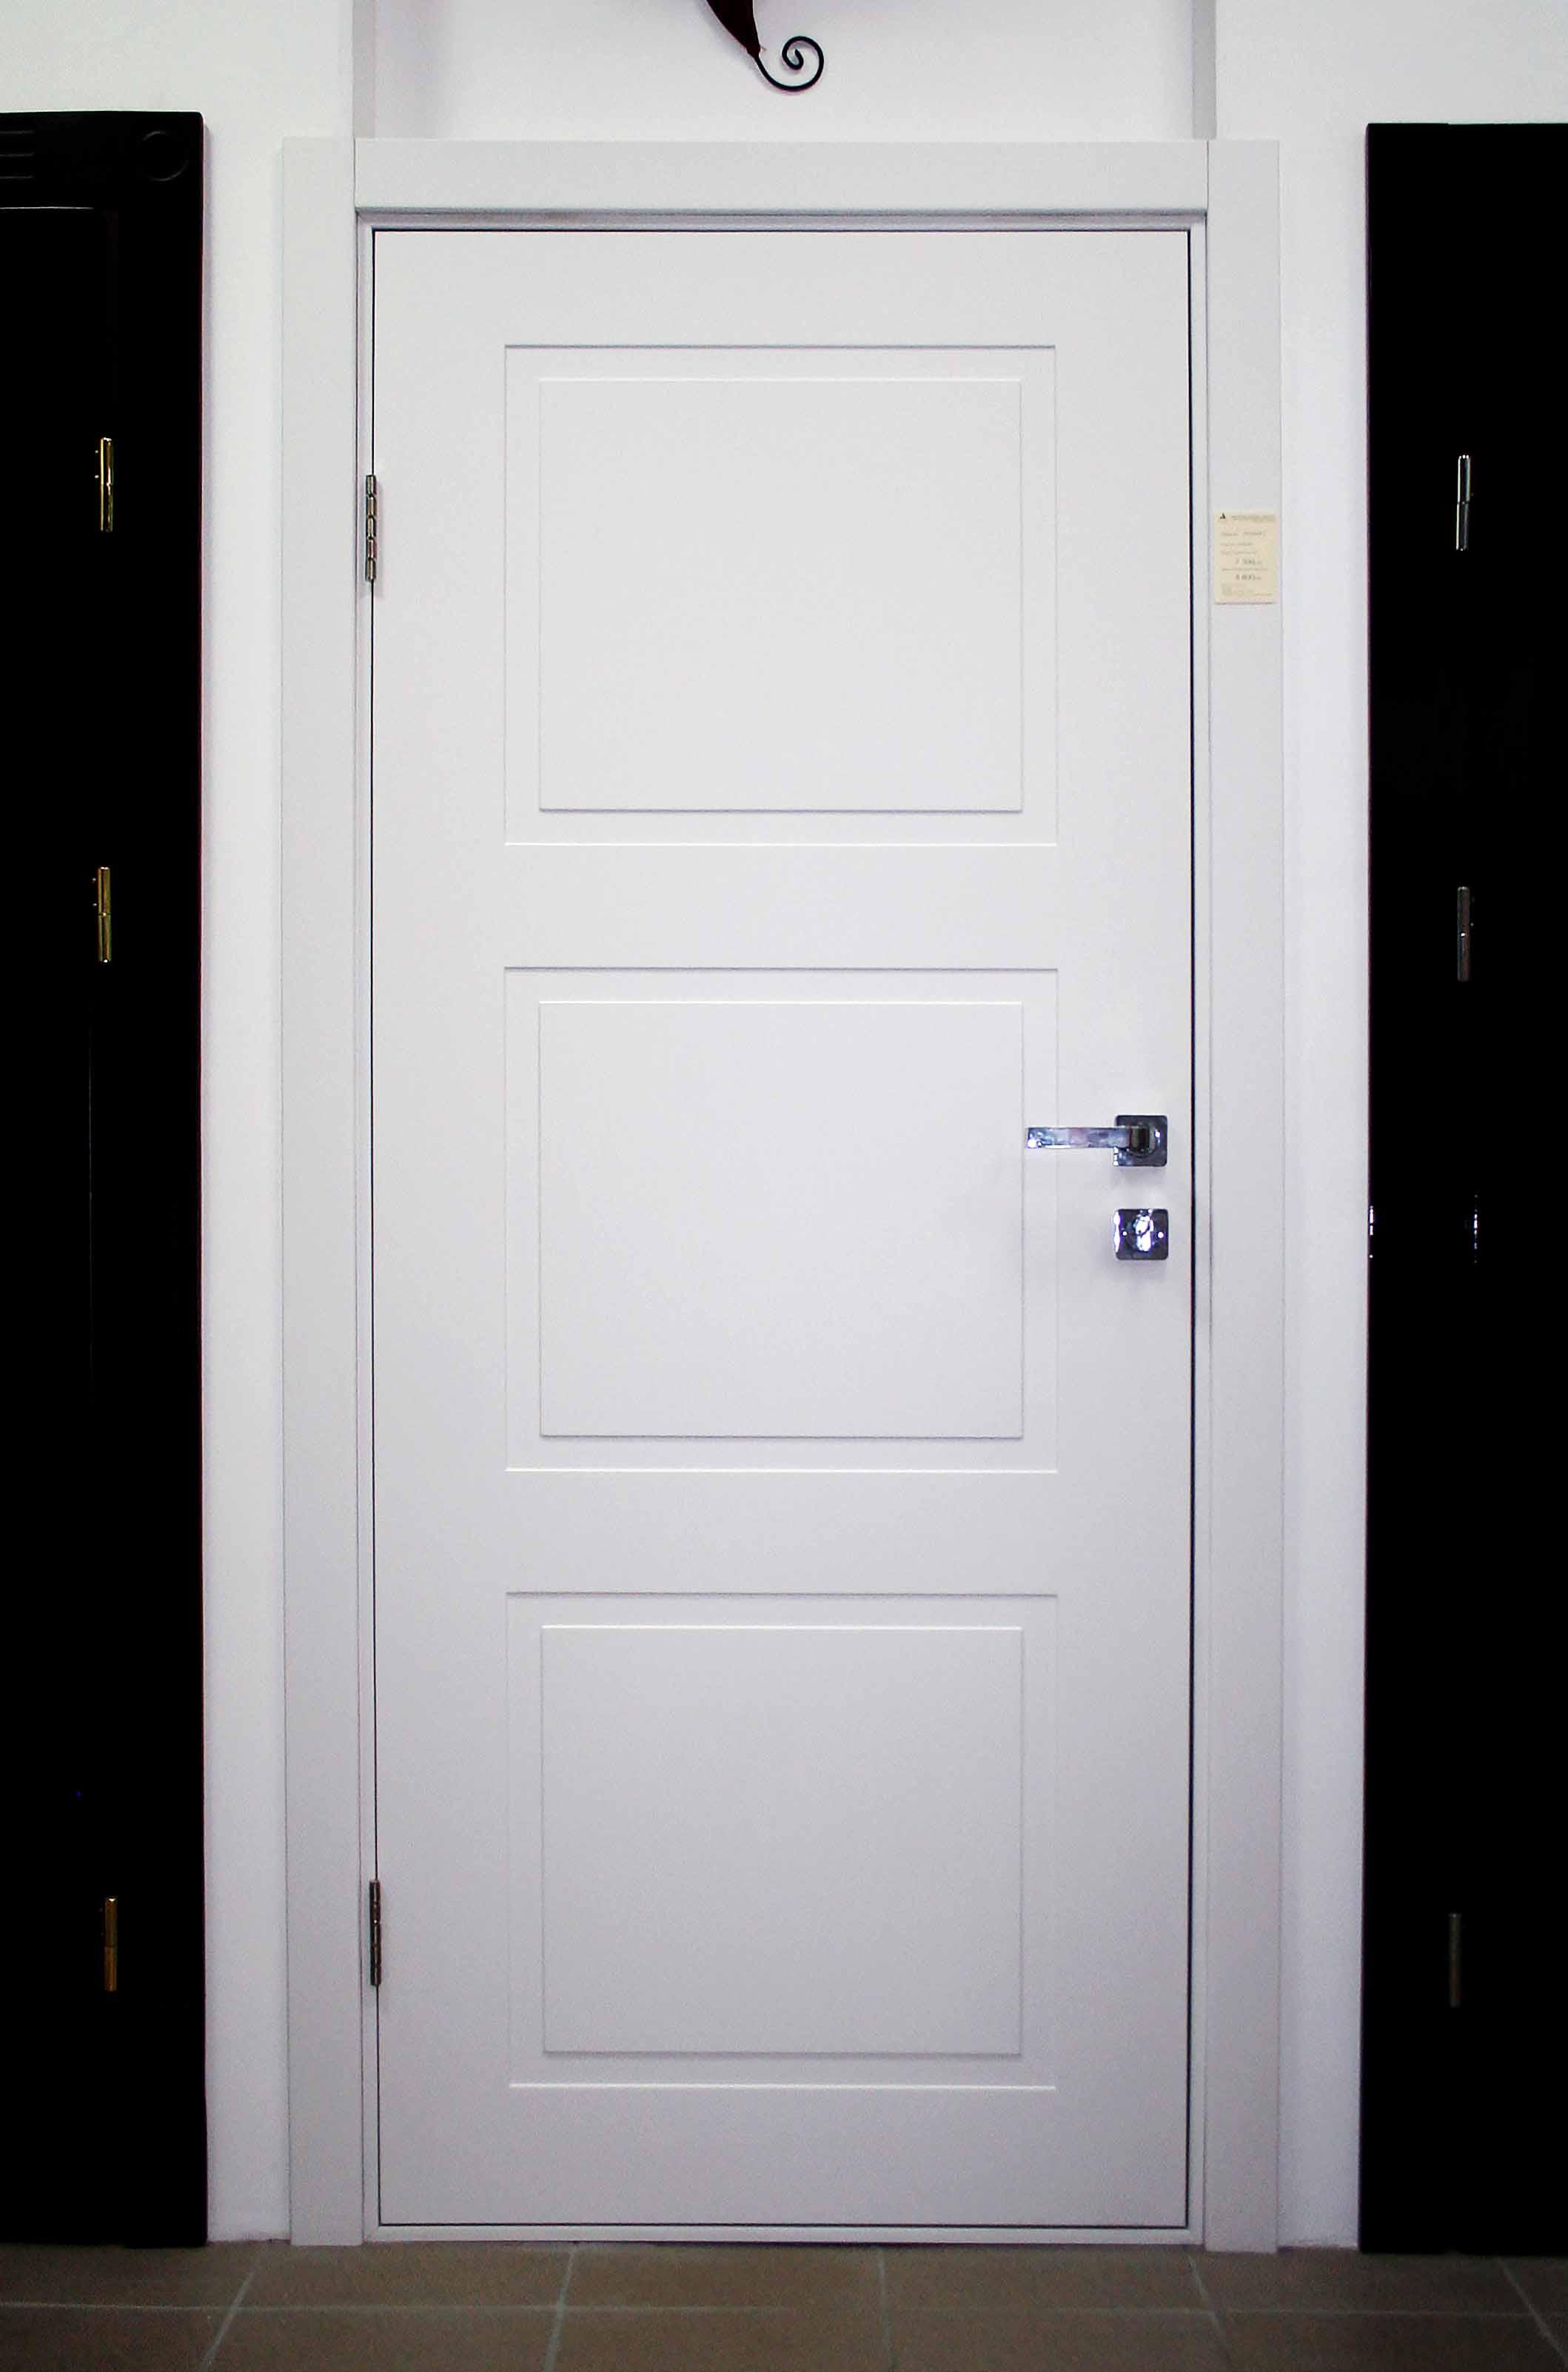 фото межкомнатная дверь фабрики лорд коллекция италия